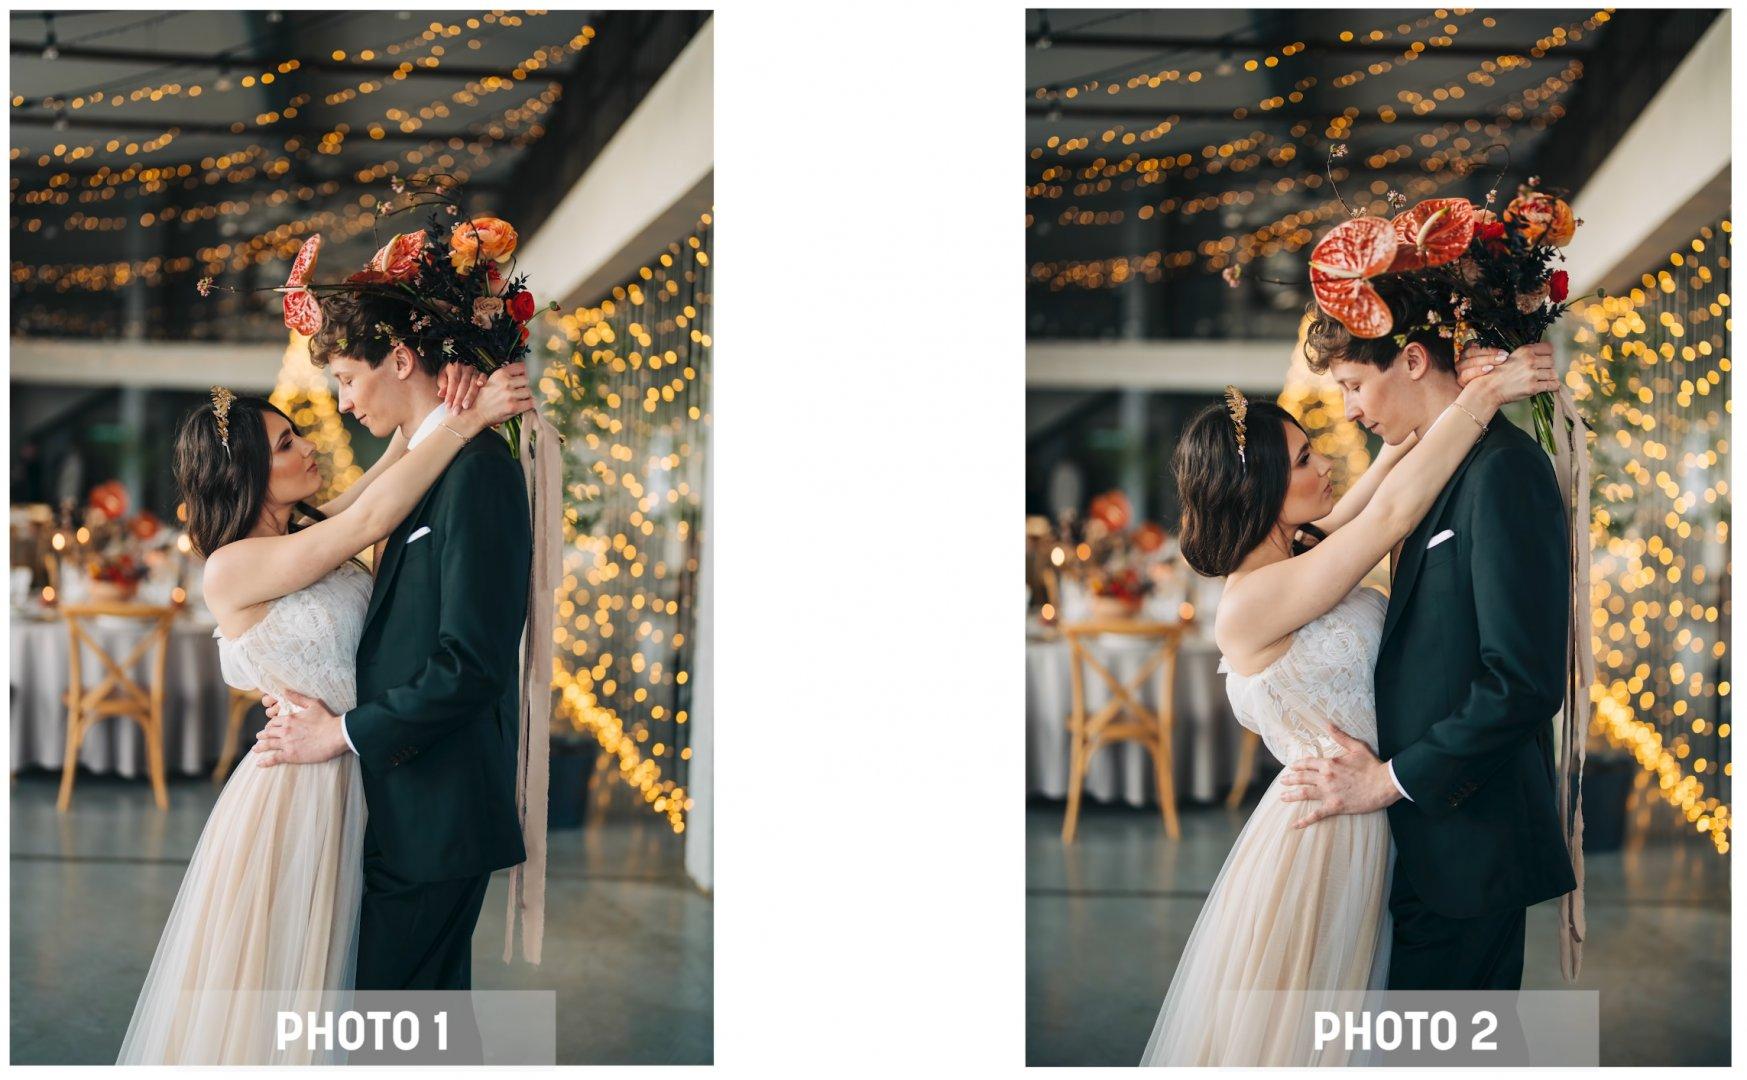 Sony FE 50mm f1.2 vs Canon RF 50mm f1.2